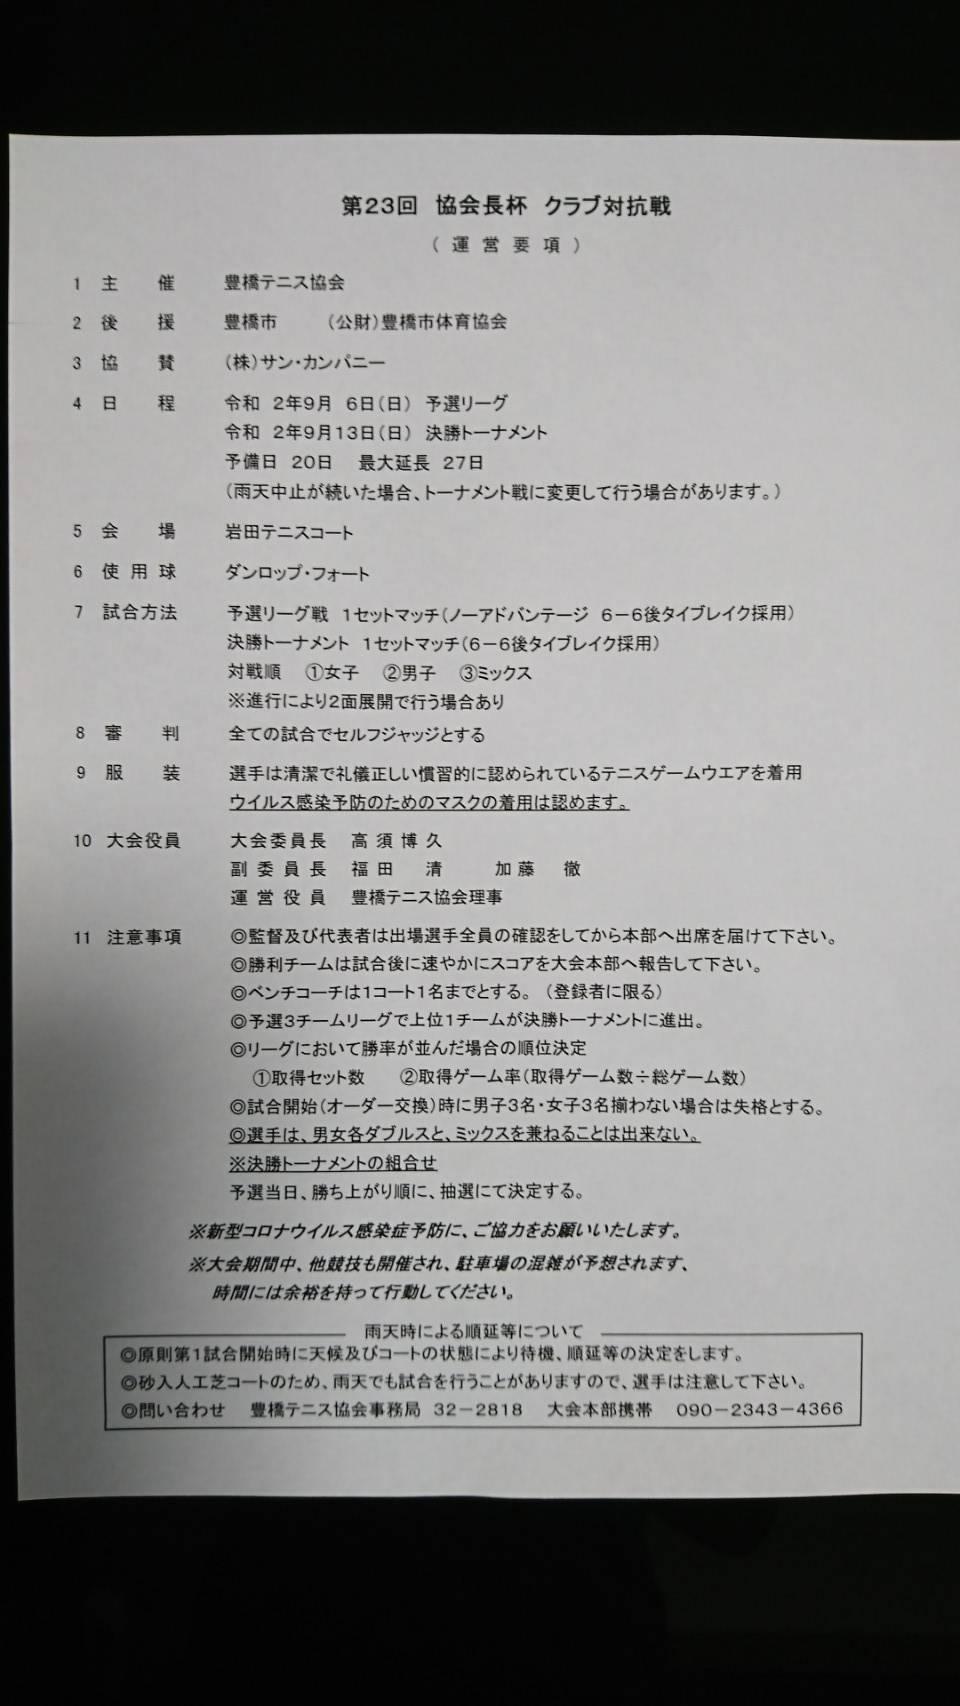 クラブ対抗戦-実施要項